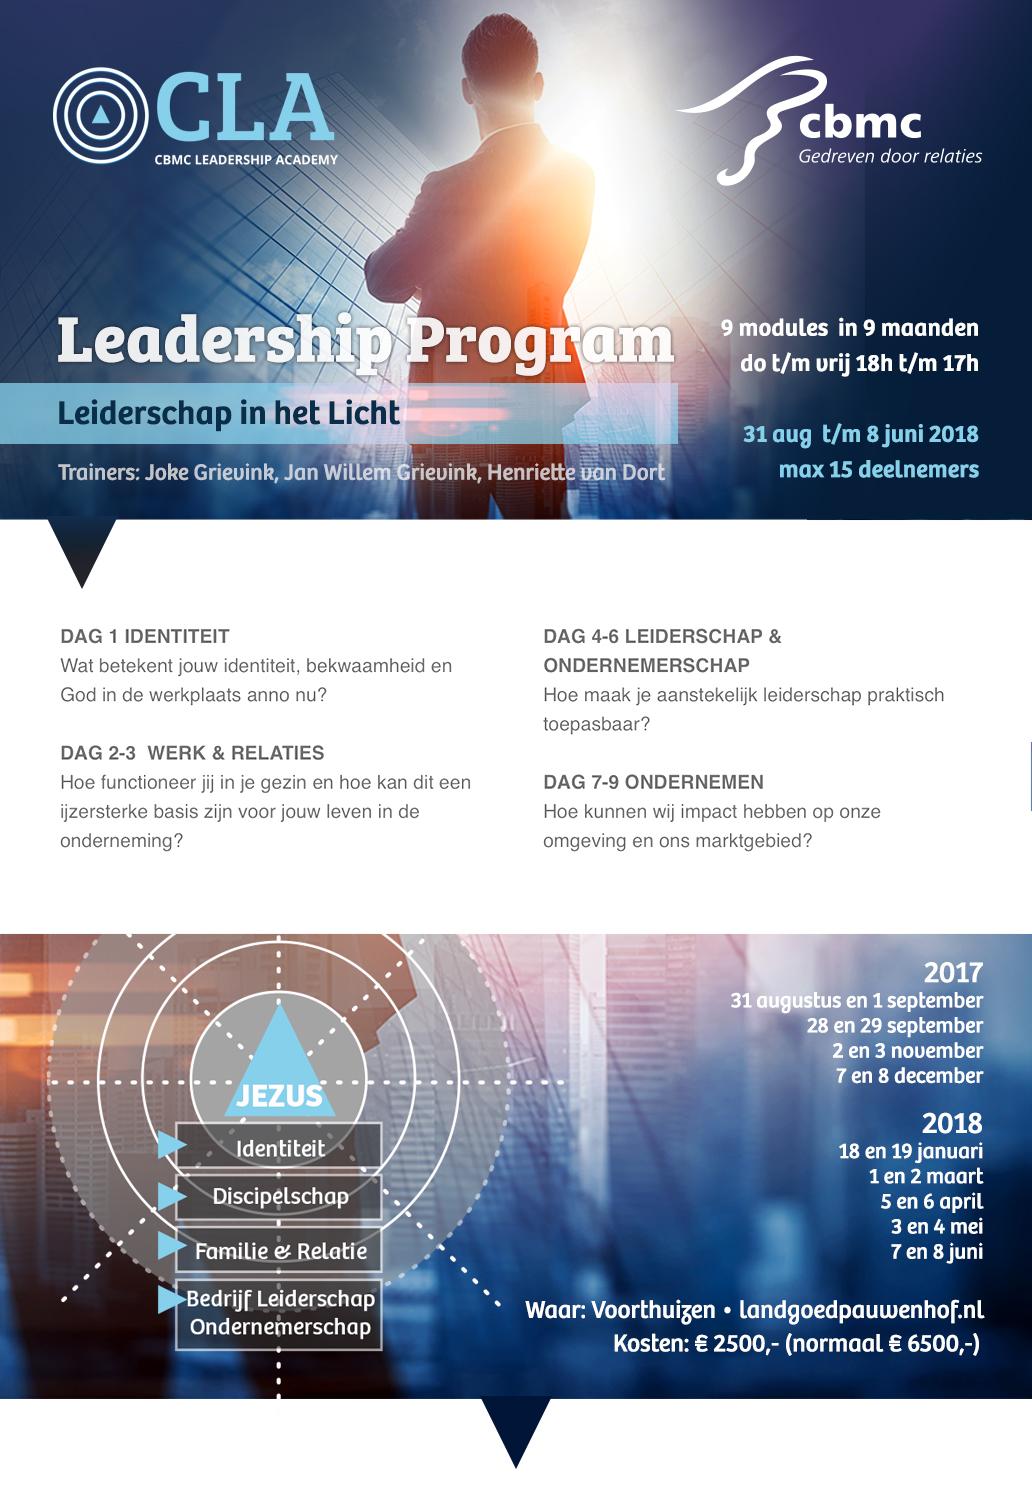 Leiderschap in het Licht - CBMC Nederland